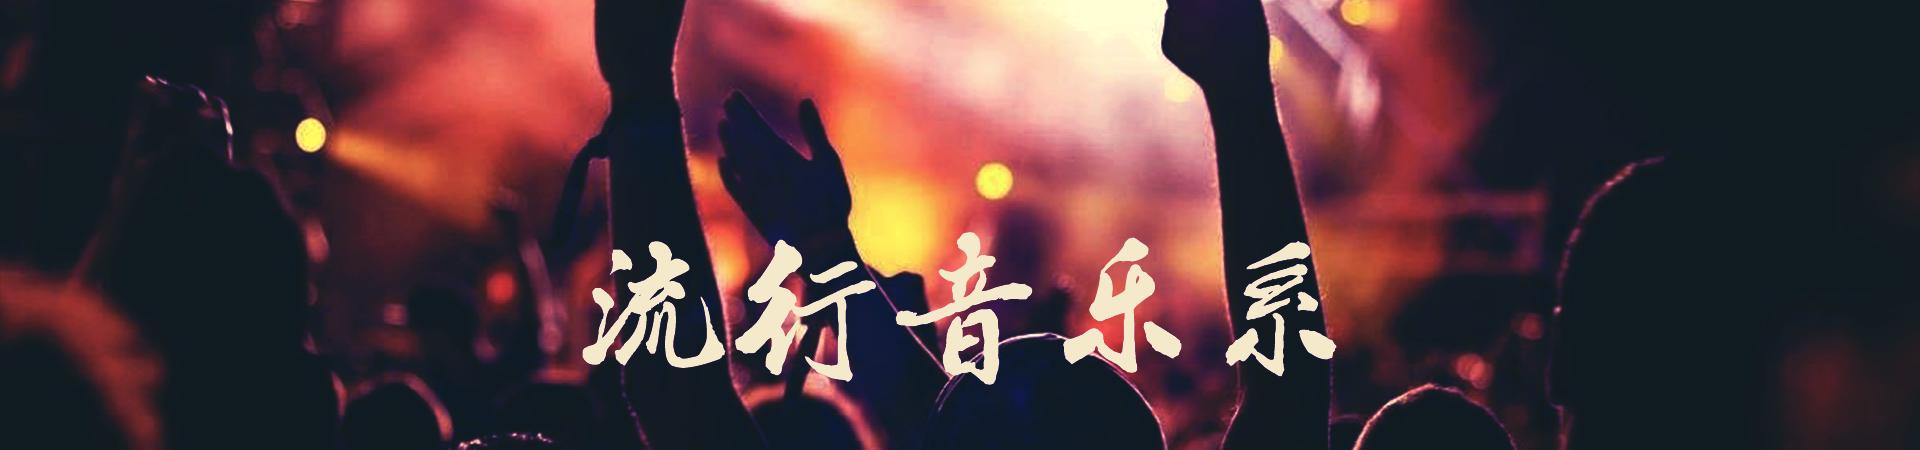 音乐产业与管理学院(流行音乐系)